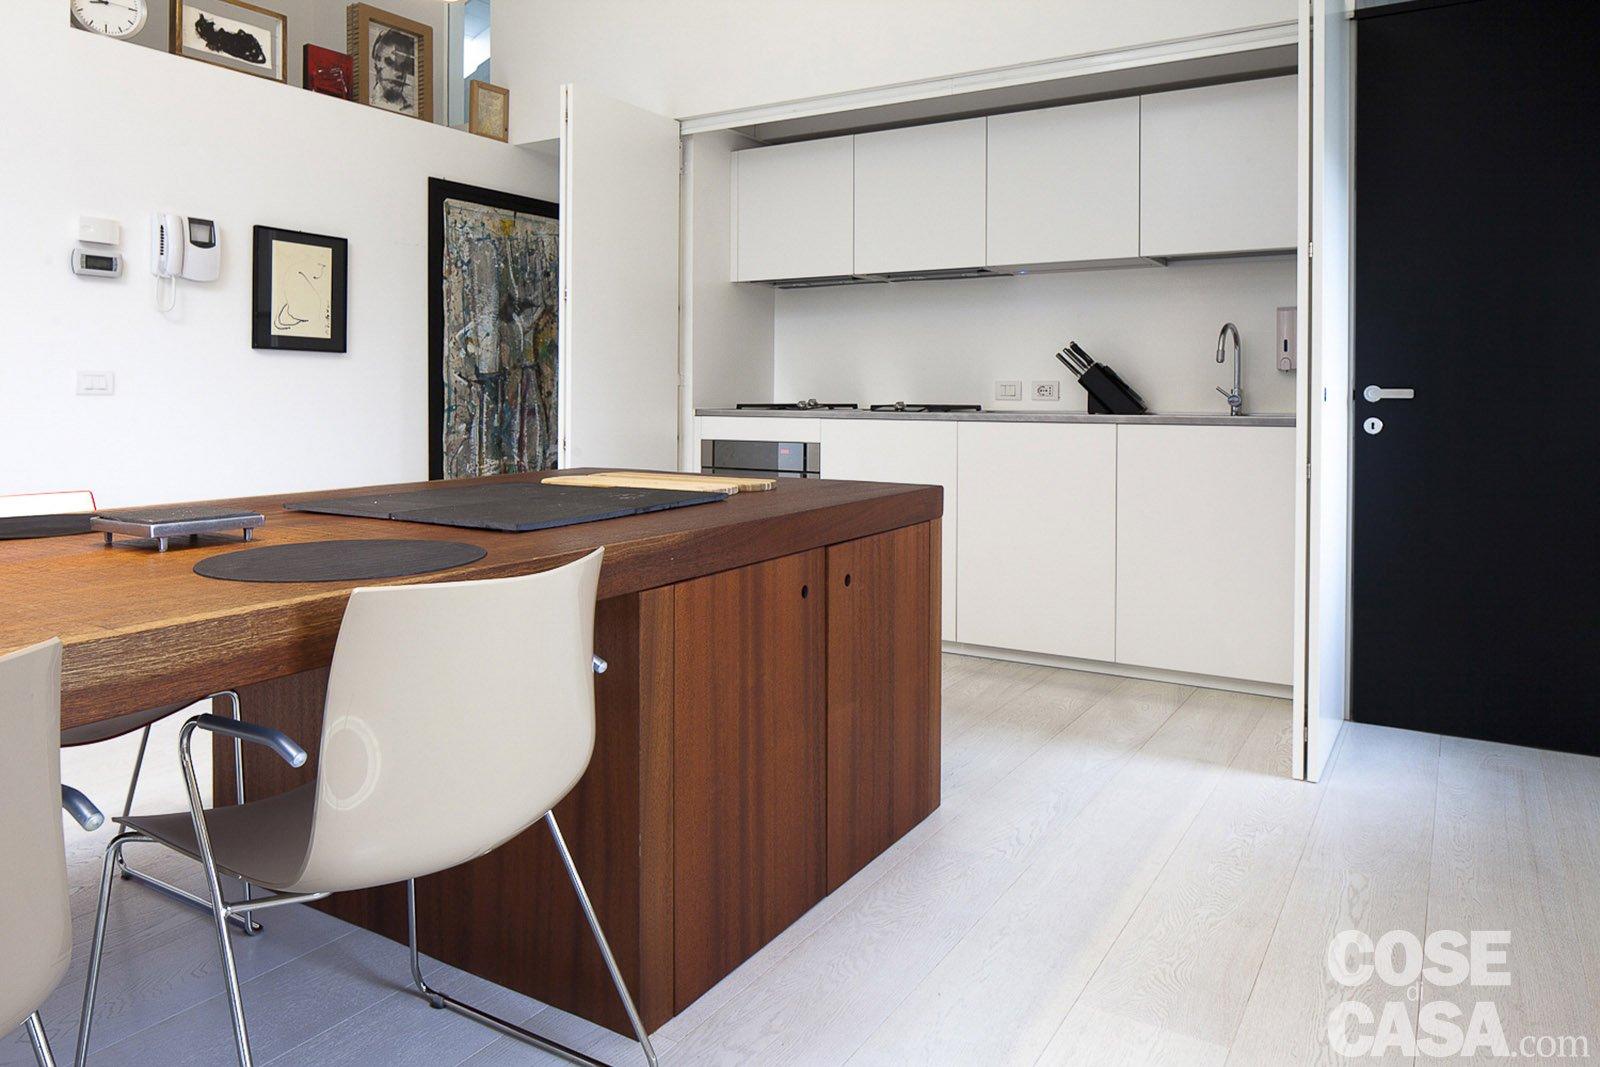 foto5-casa-cucina